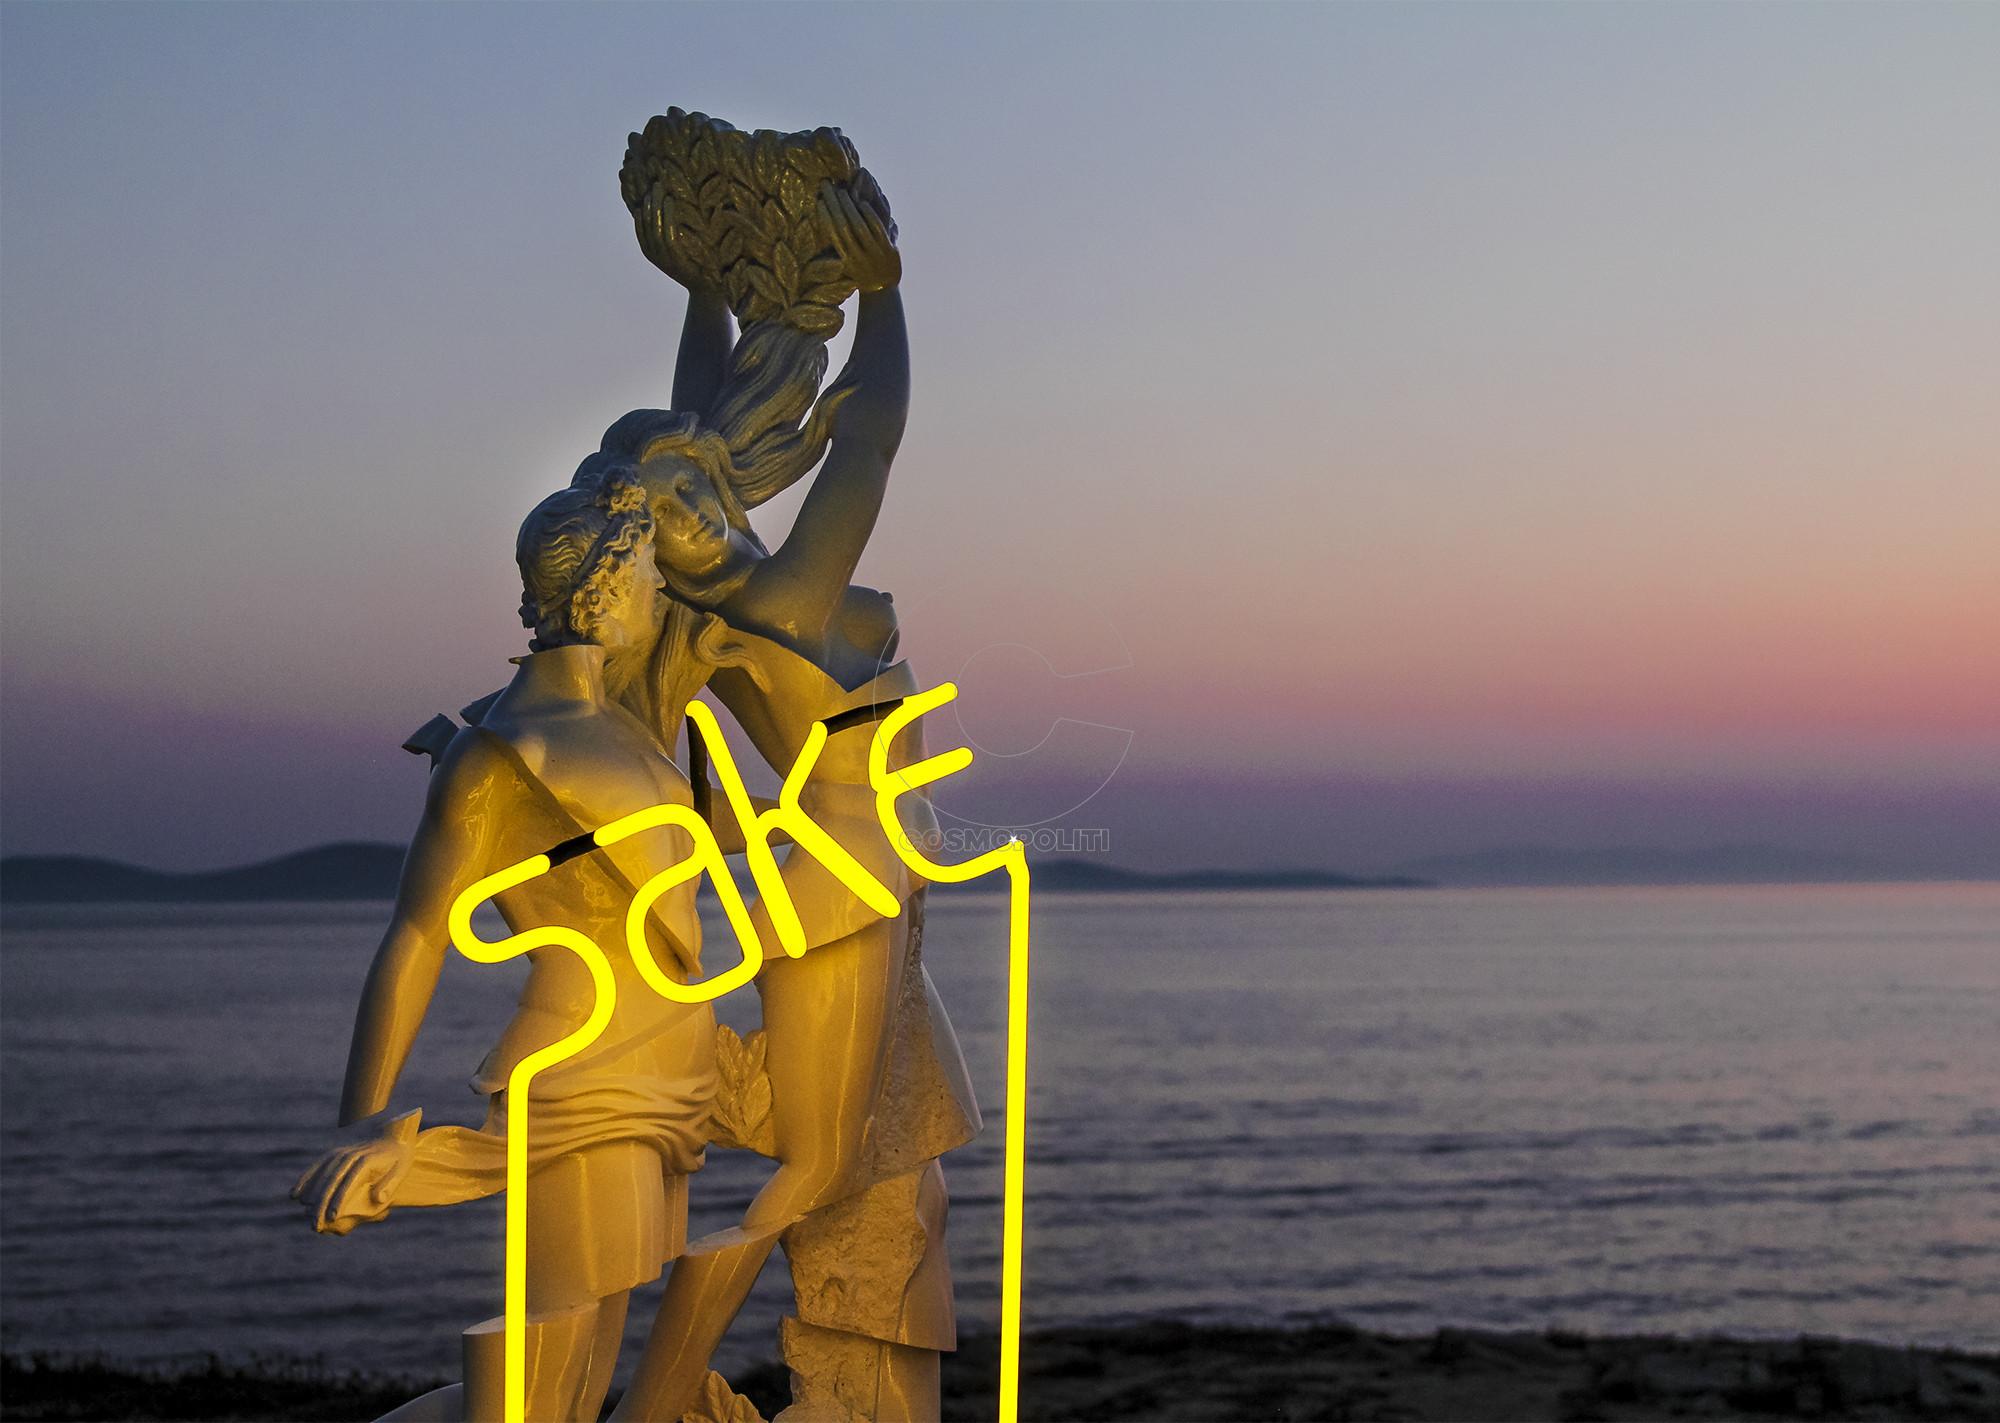 SAKE STC